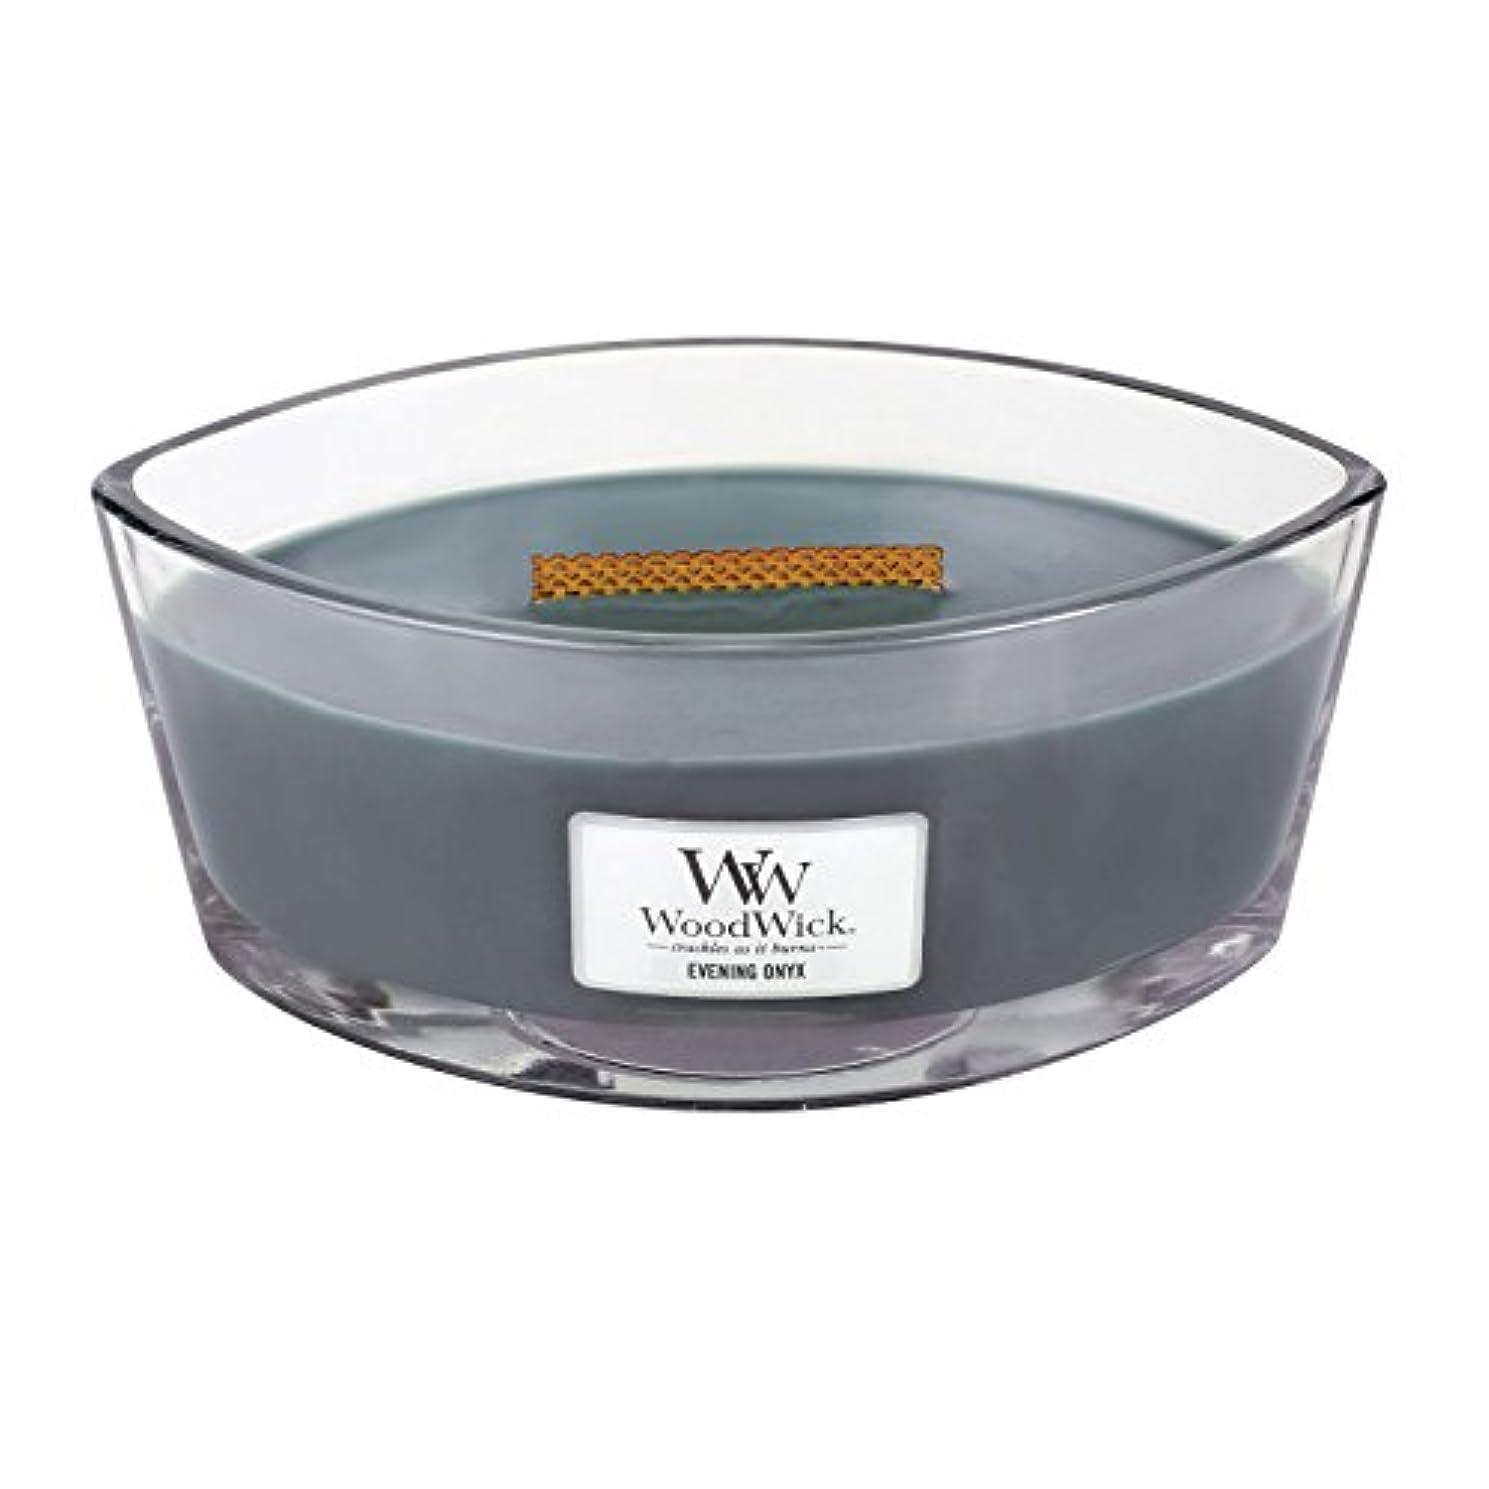 バケット切り刻む姿を消すWoodWick EVENING ONYX, Highly Scented Candle, Ellipse Glass Jar with Original HearthWick Flame, Large 18cm, 470ml